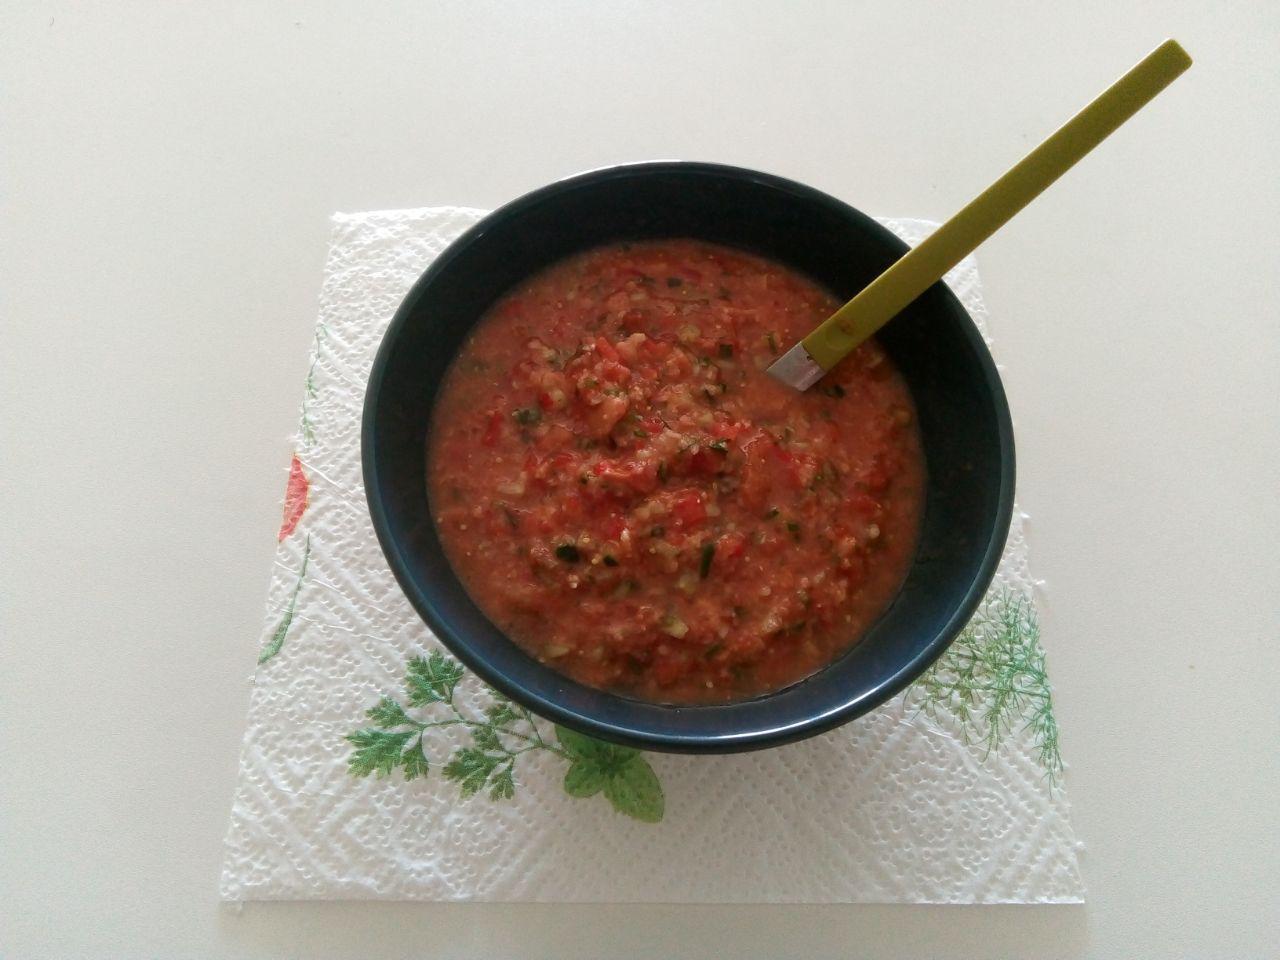 Гаспачо, приготовленное вручную, готово